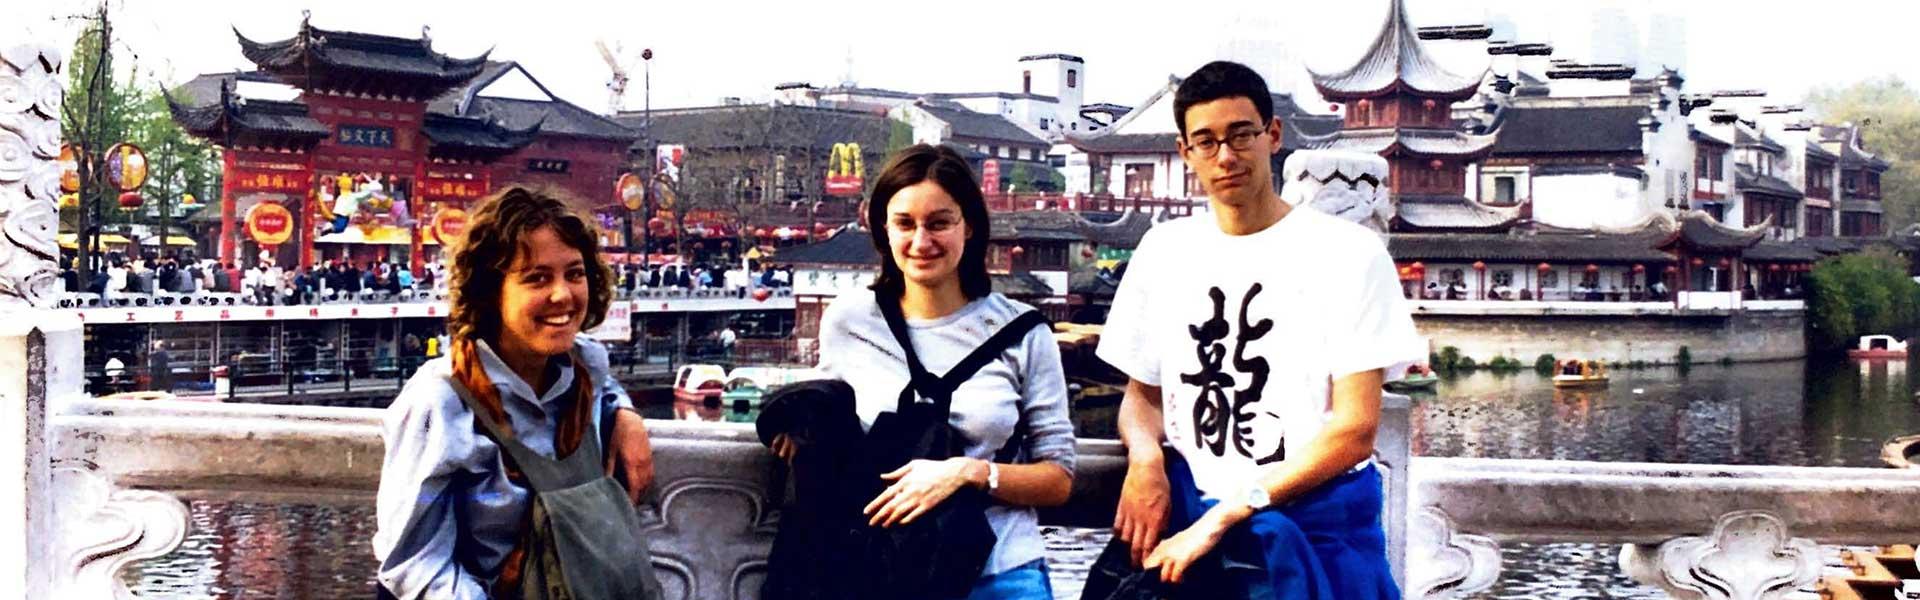 Emprendre a la Xina fa 20 anys